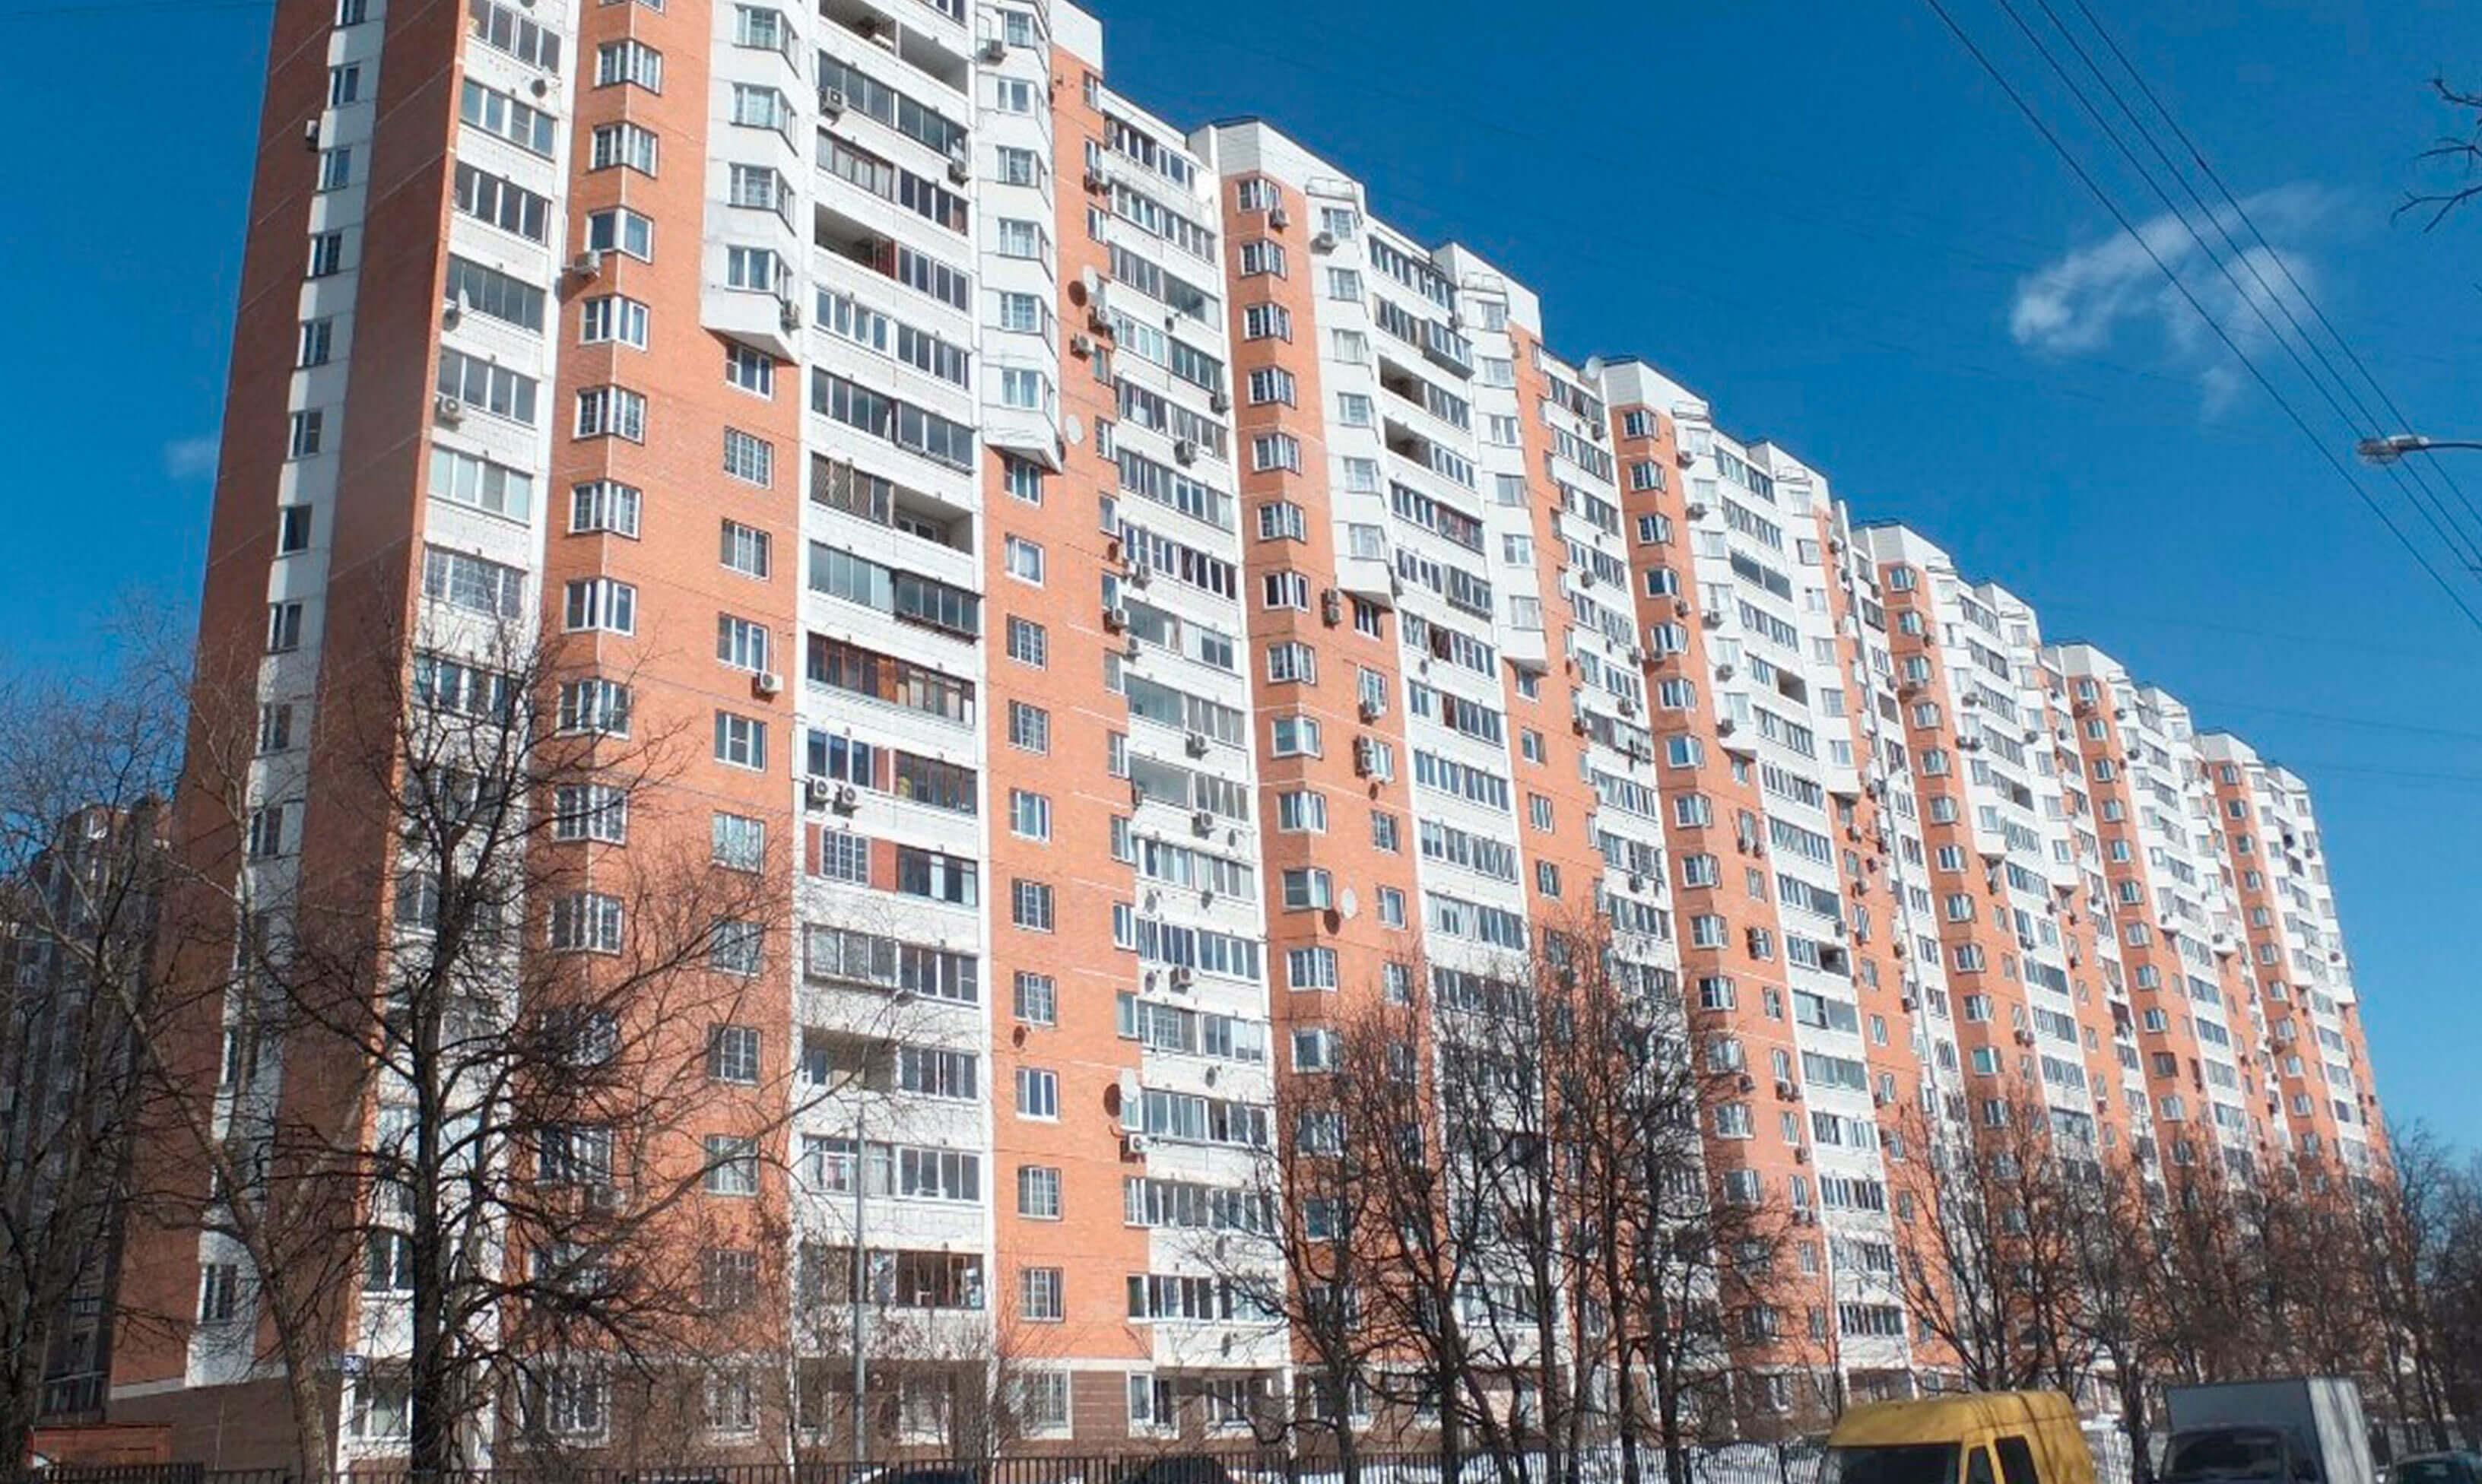 на фото красный панельный дом серии П-44М, с белыми балконами 44М относительно новая серия